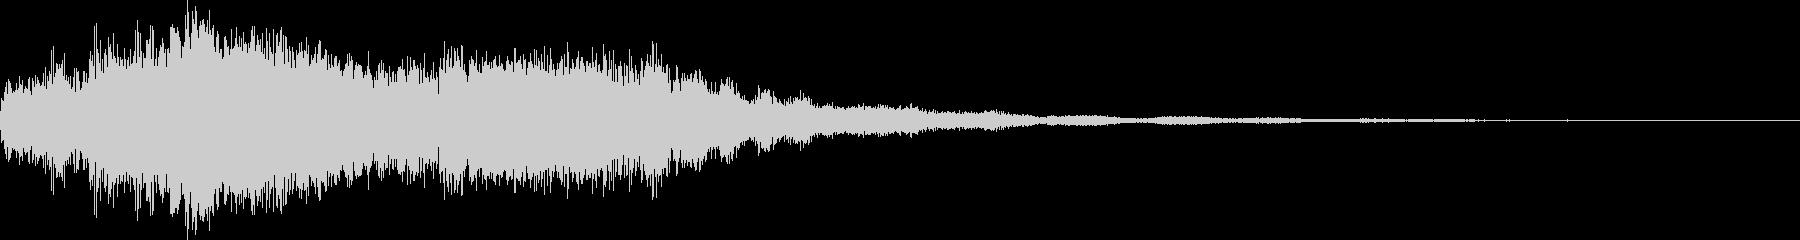 【ホラー】 アトモスフィア 05の未再生の波形